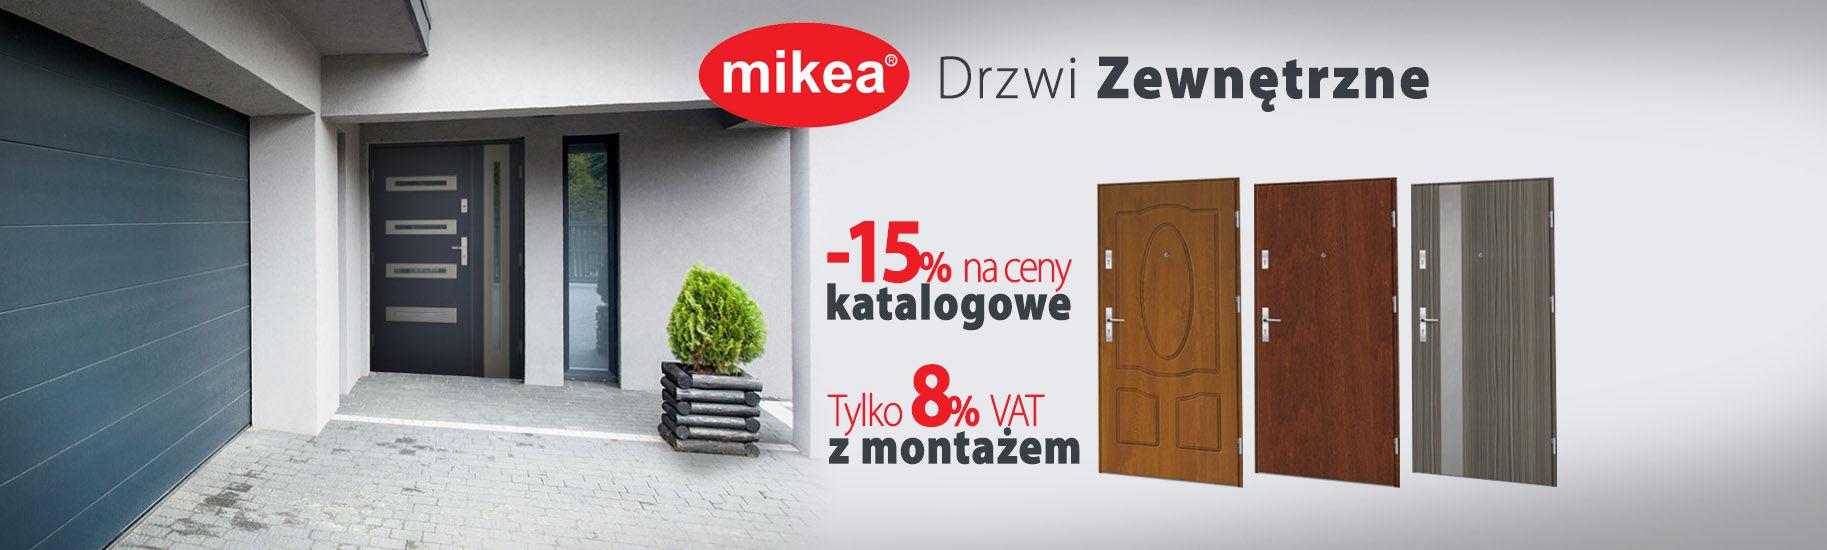 banner_drzwi_zewnetrzne